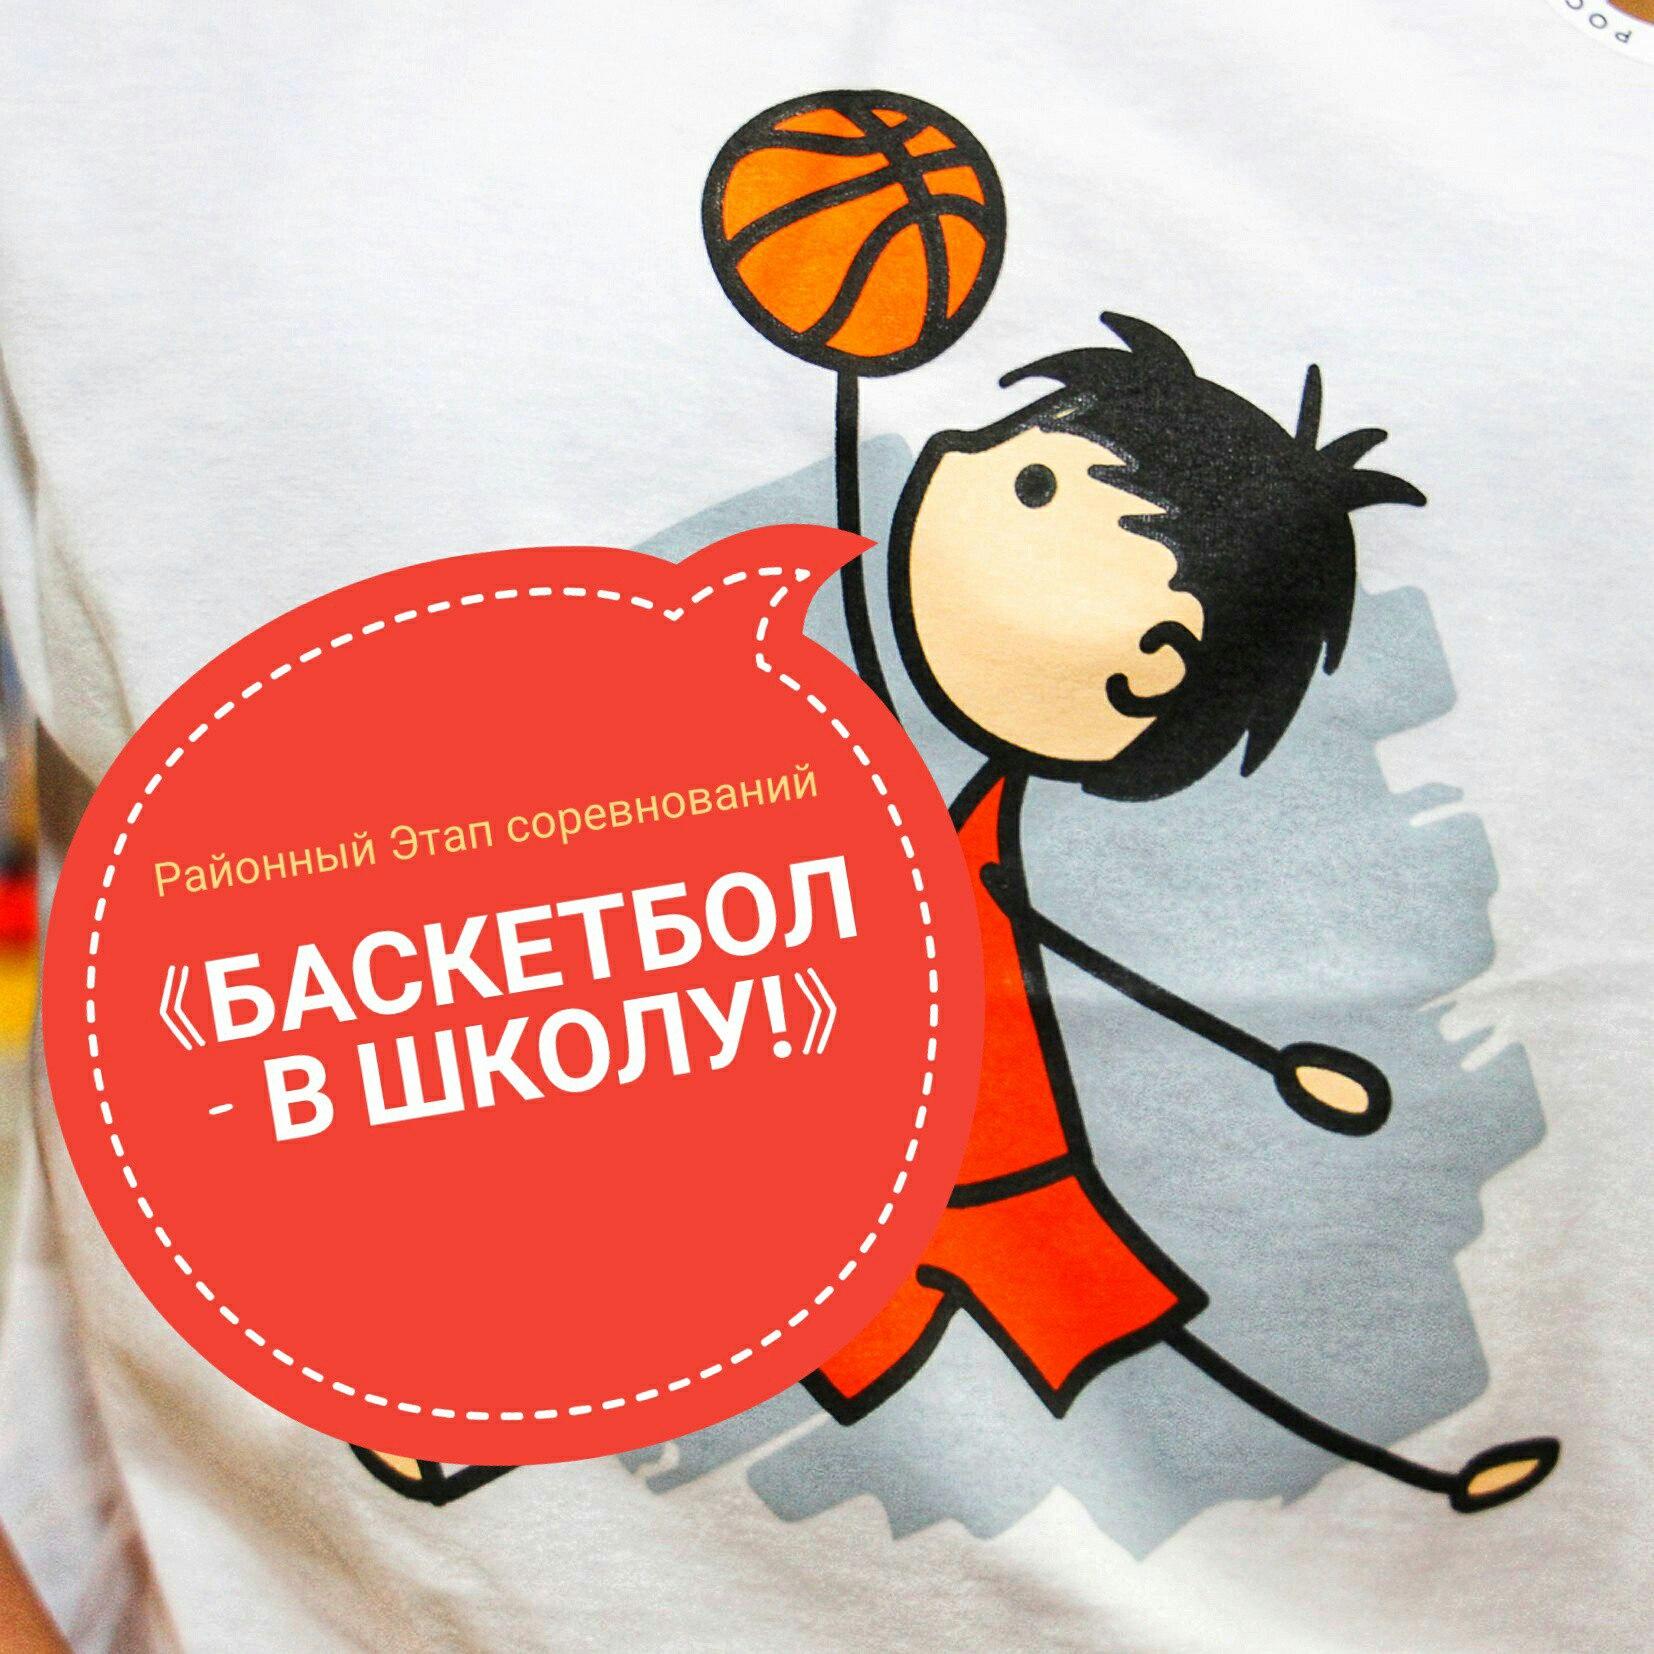 Баскетбол в школу